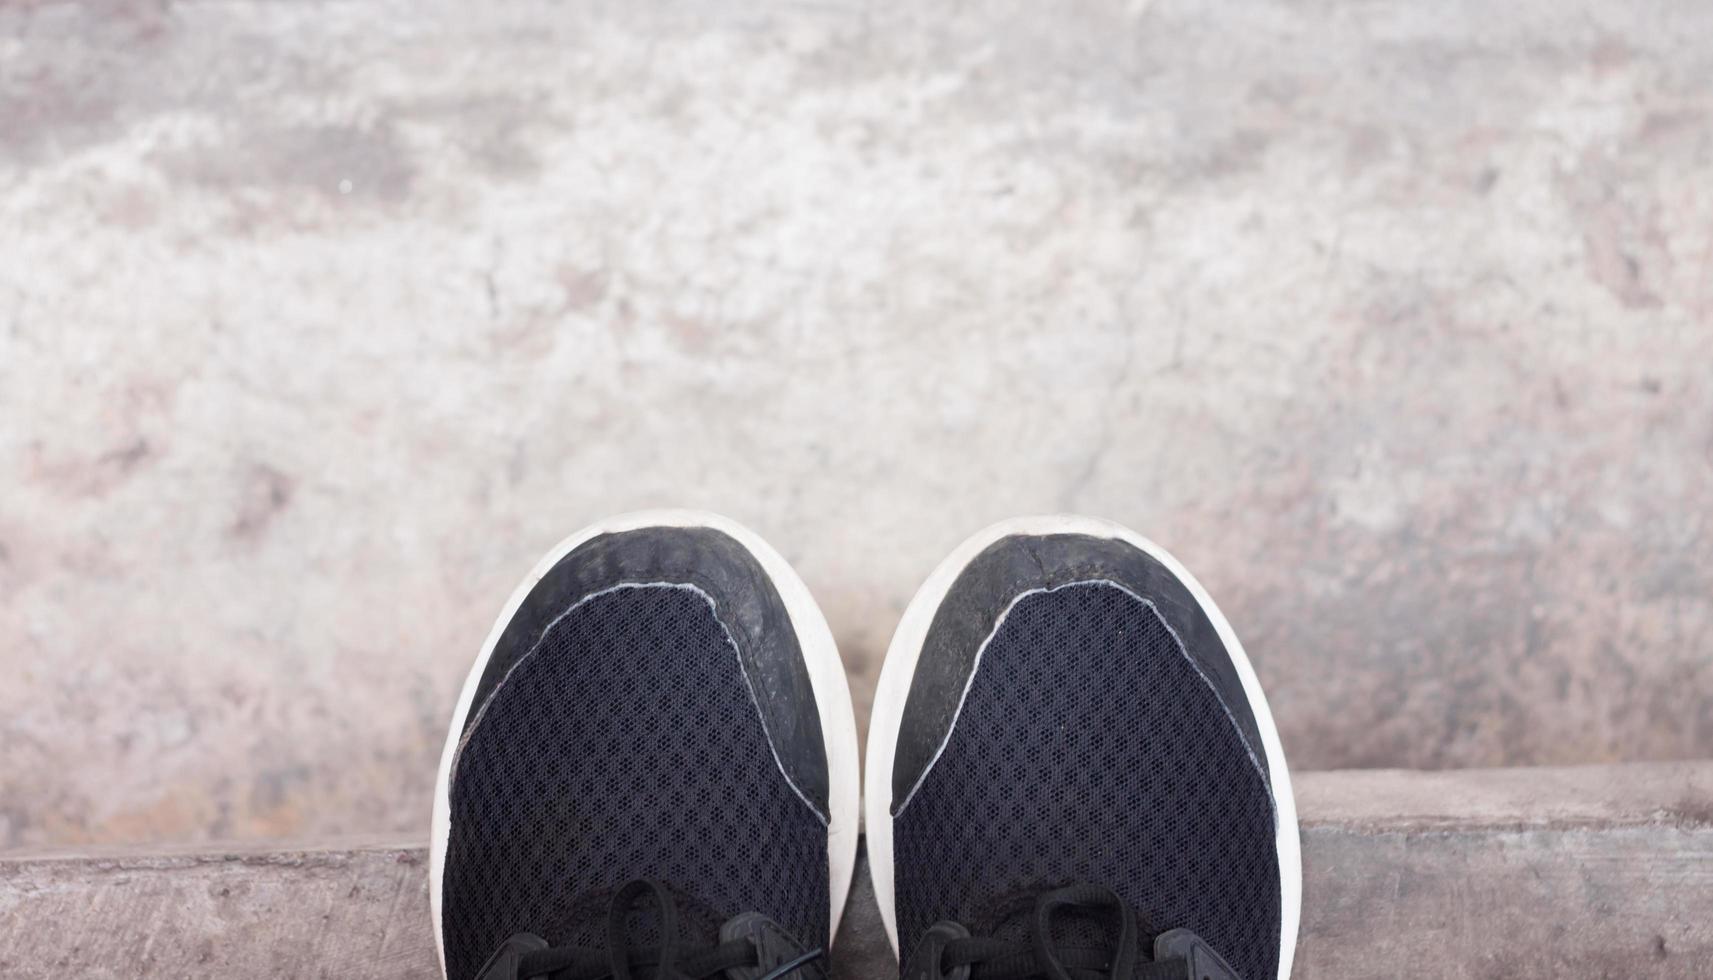 vista dall'alto di scarpe nere casual foto